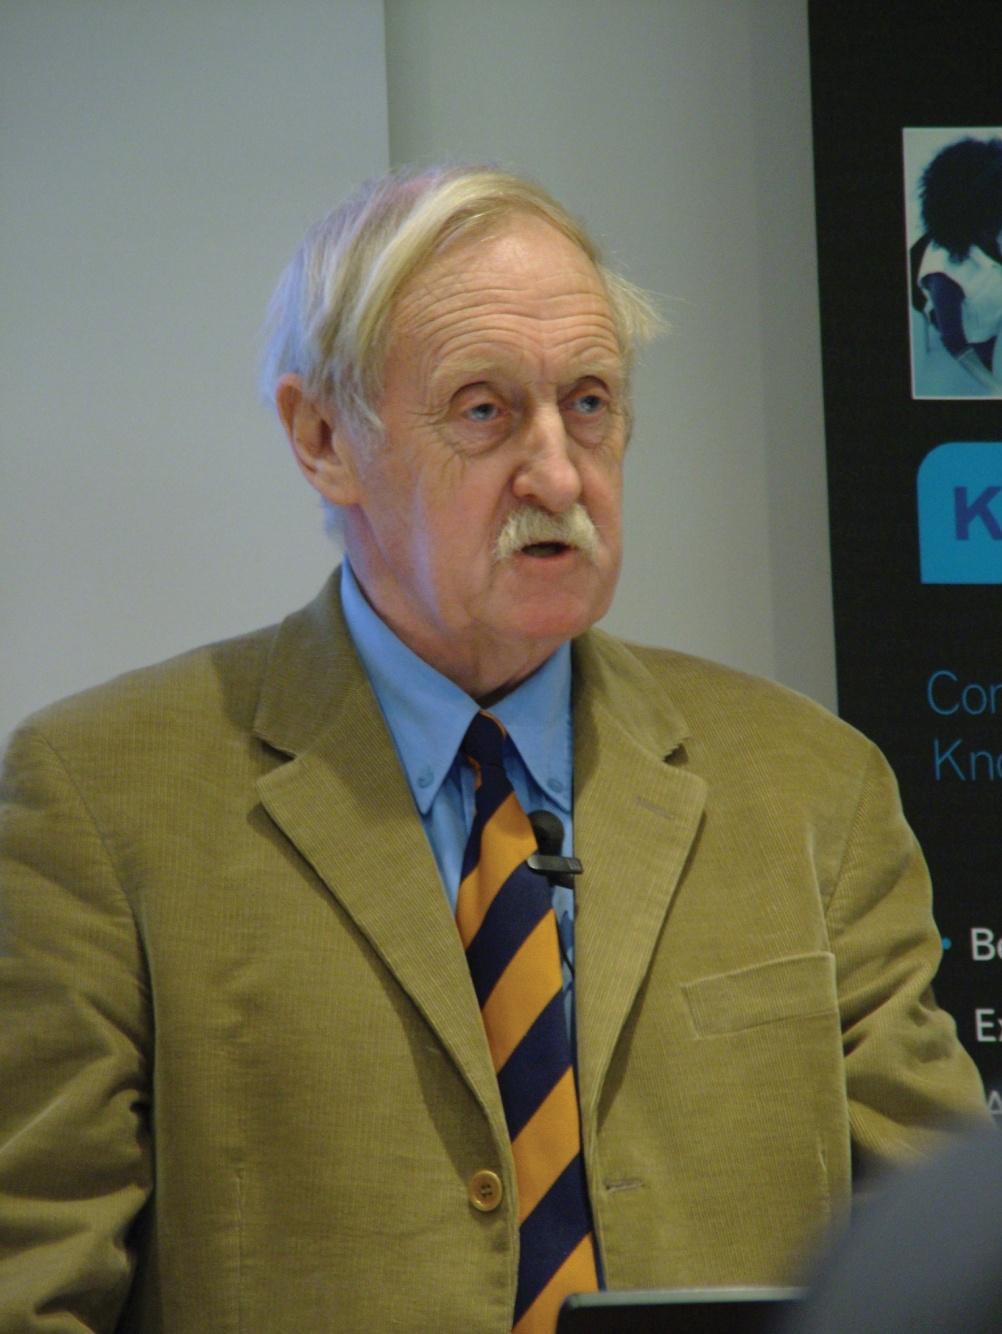 Trevor Baylis CBE